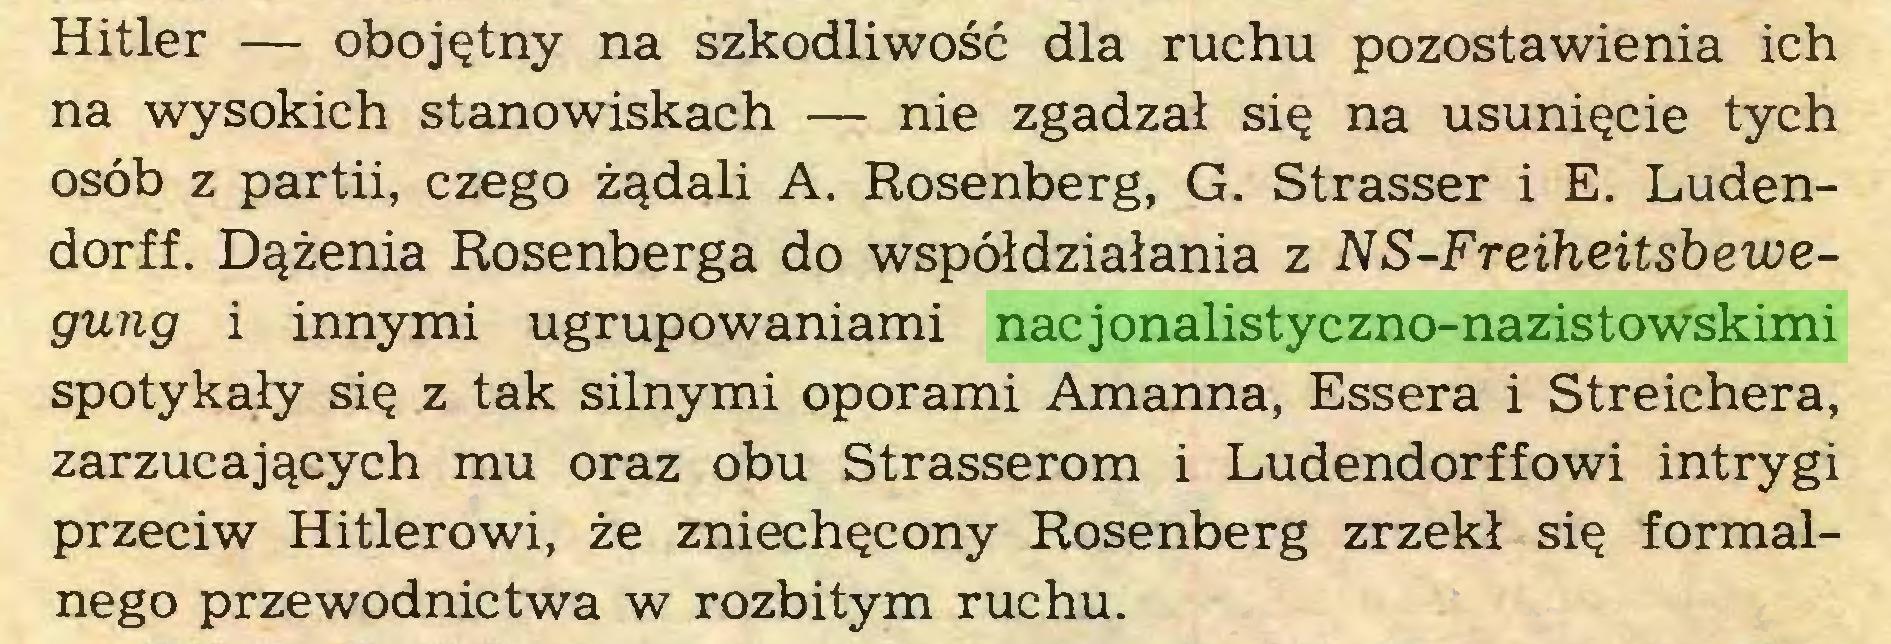 (...) Hitler — obojętny na szkodliwość dla ruchu pozostawienia ich na wysokich stanowiskach — nie zgadzał się na usunięcie tych osób z partii, czego żądali A. Rosenberg, G. Strasser i E. Ludendorff. Dążenia Rosenberga do współdziałania z NS-Freiheitsbewegung i innymi ugrupowaniami nacjonalistyczno-nazistowskimi spotykały się z tak silnymi oporami Amanna, Essera i Streichera, zarzucających mu oraz obu Strasserom i Ludendorffowi intrygi przeciw Hitlerowi, że zniechęcony Rosenberg zrzekł się formalnego przewodnictwa w rozbitym ruchu...